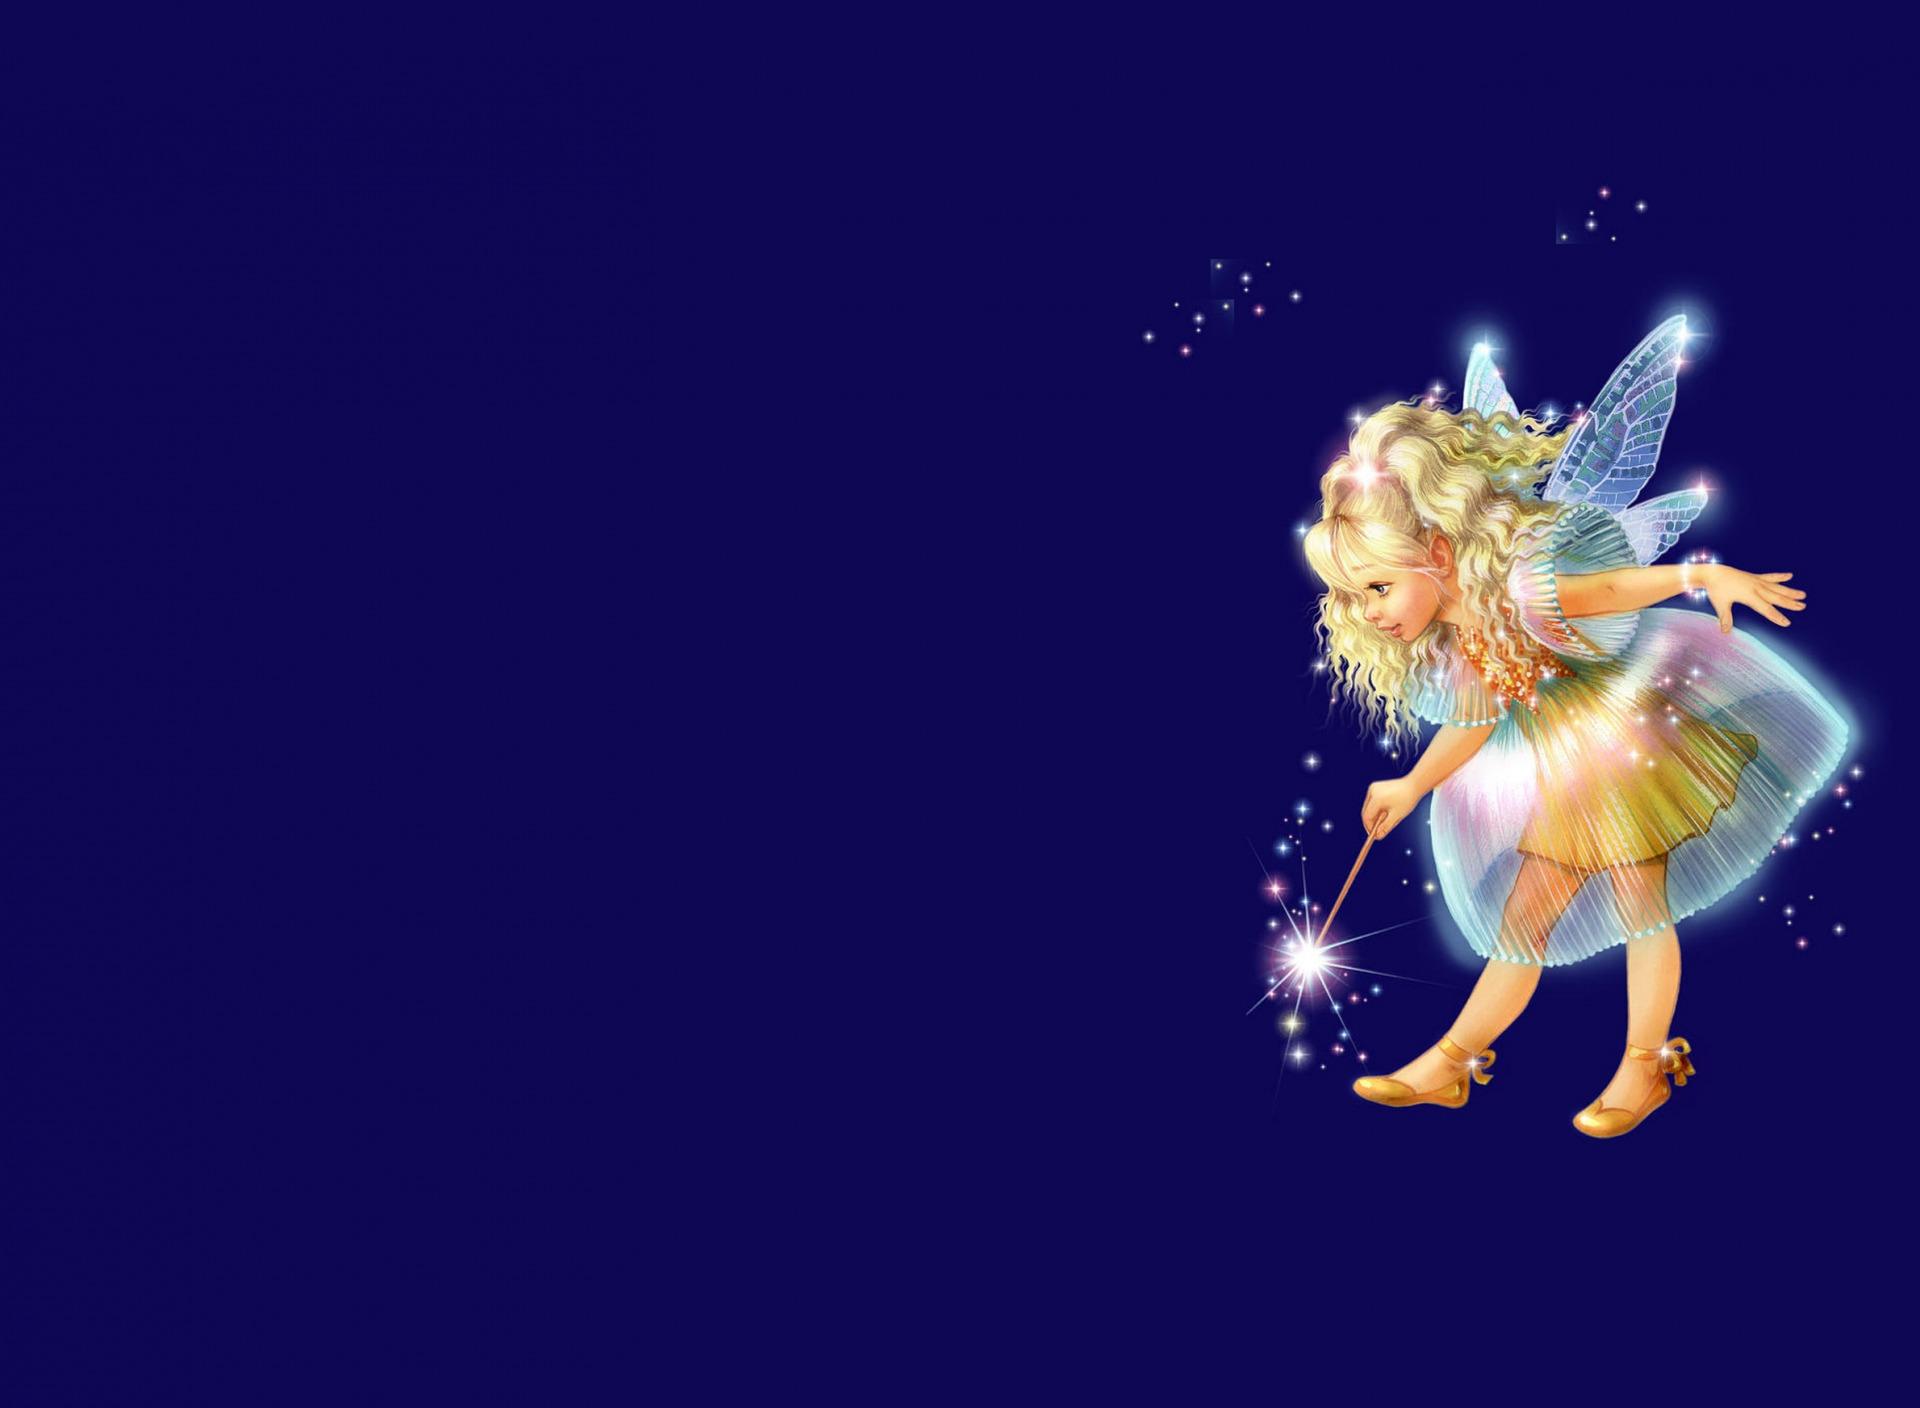 картинка на рабочий стол фея новогодняя длительное цветение приятный